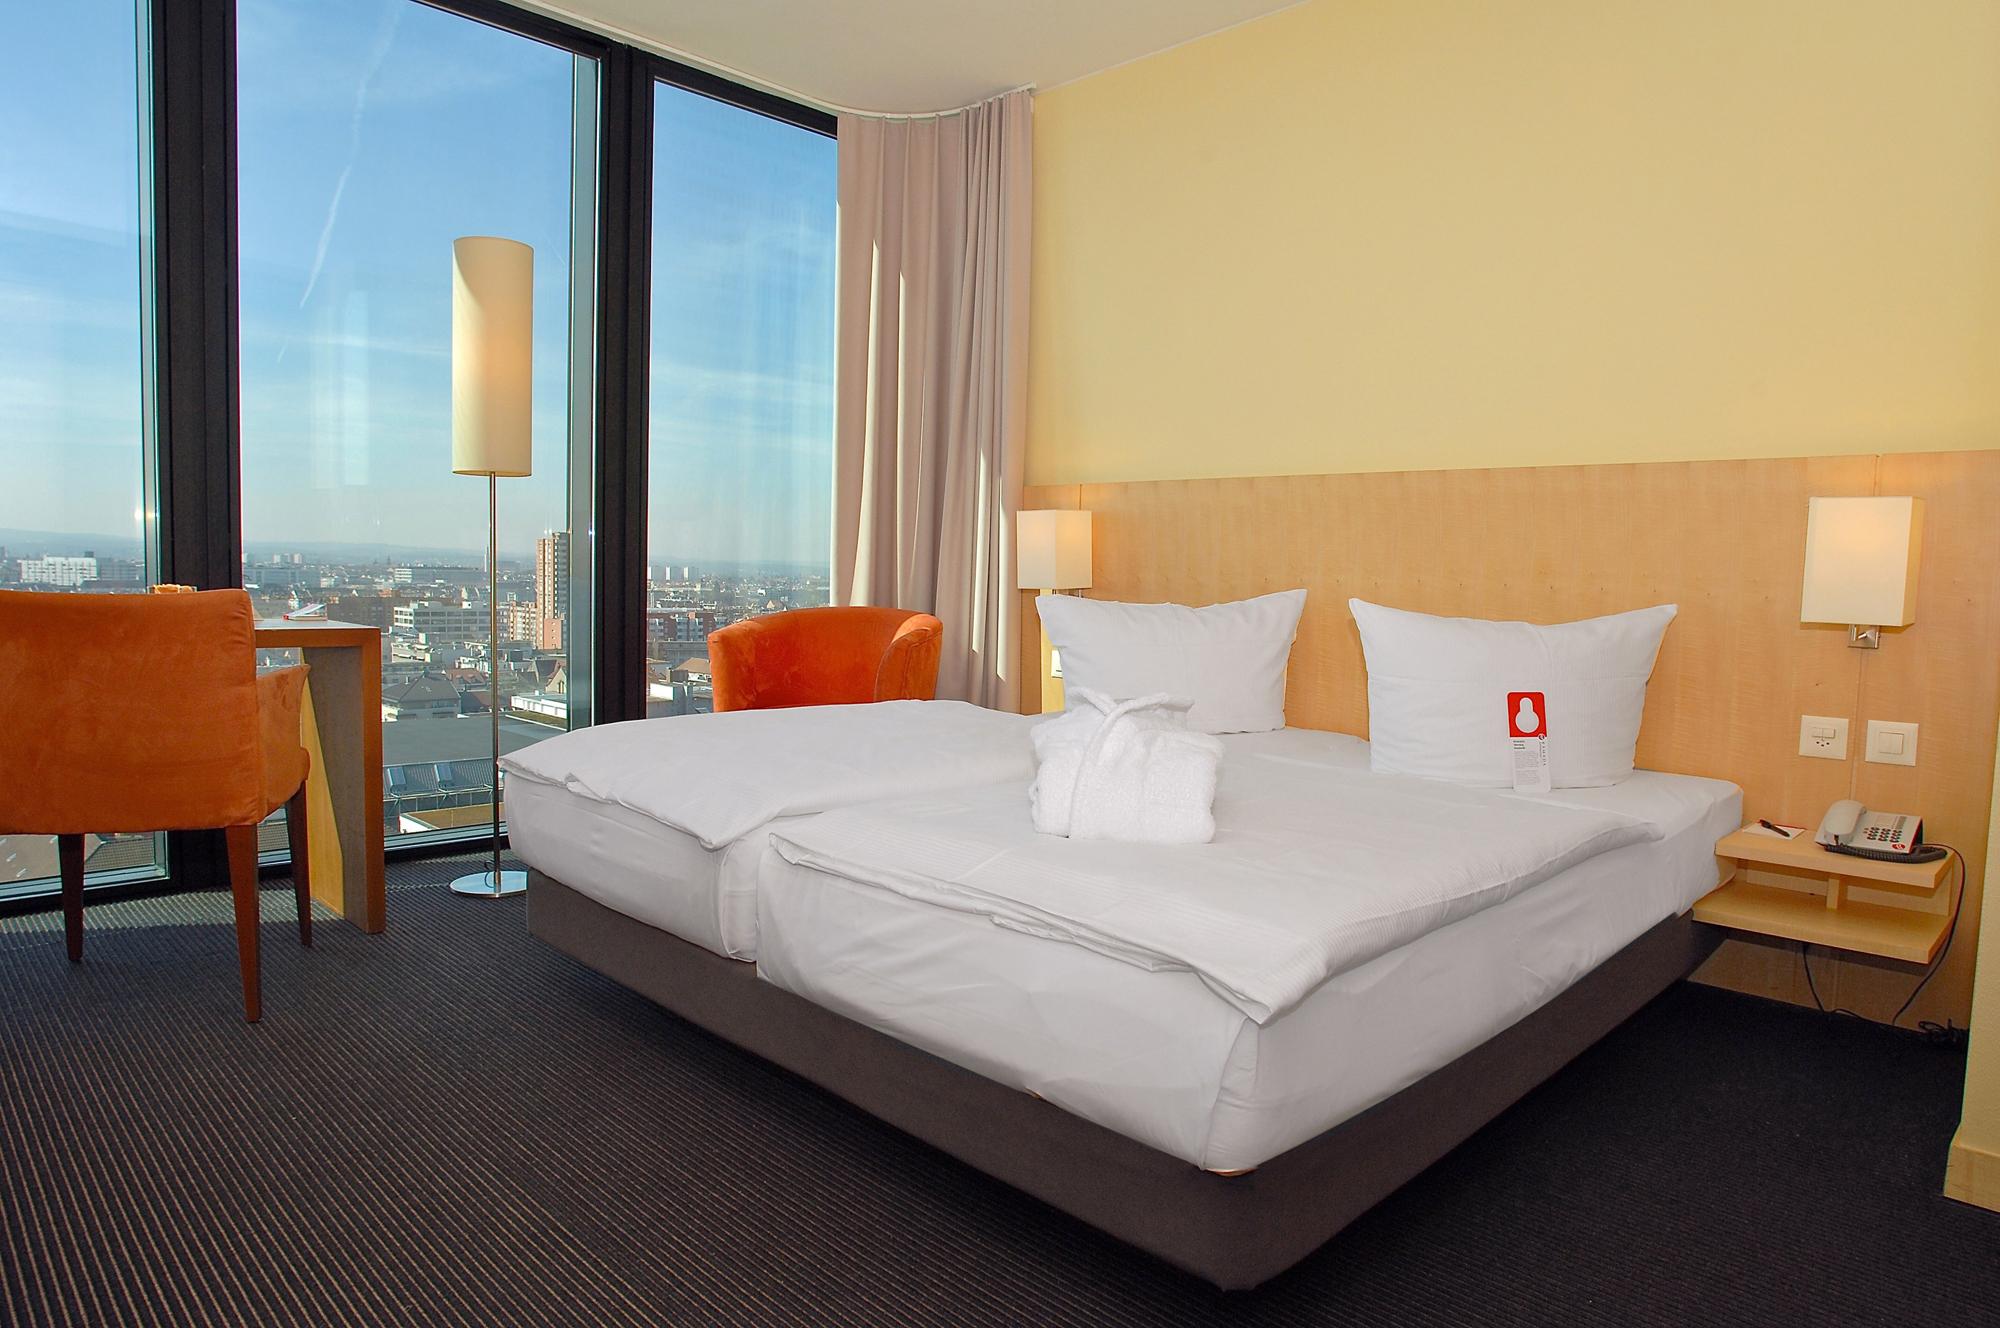 Zimmerbild Basel - Ramada Basel